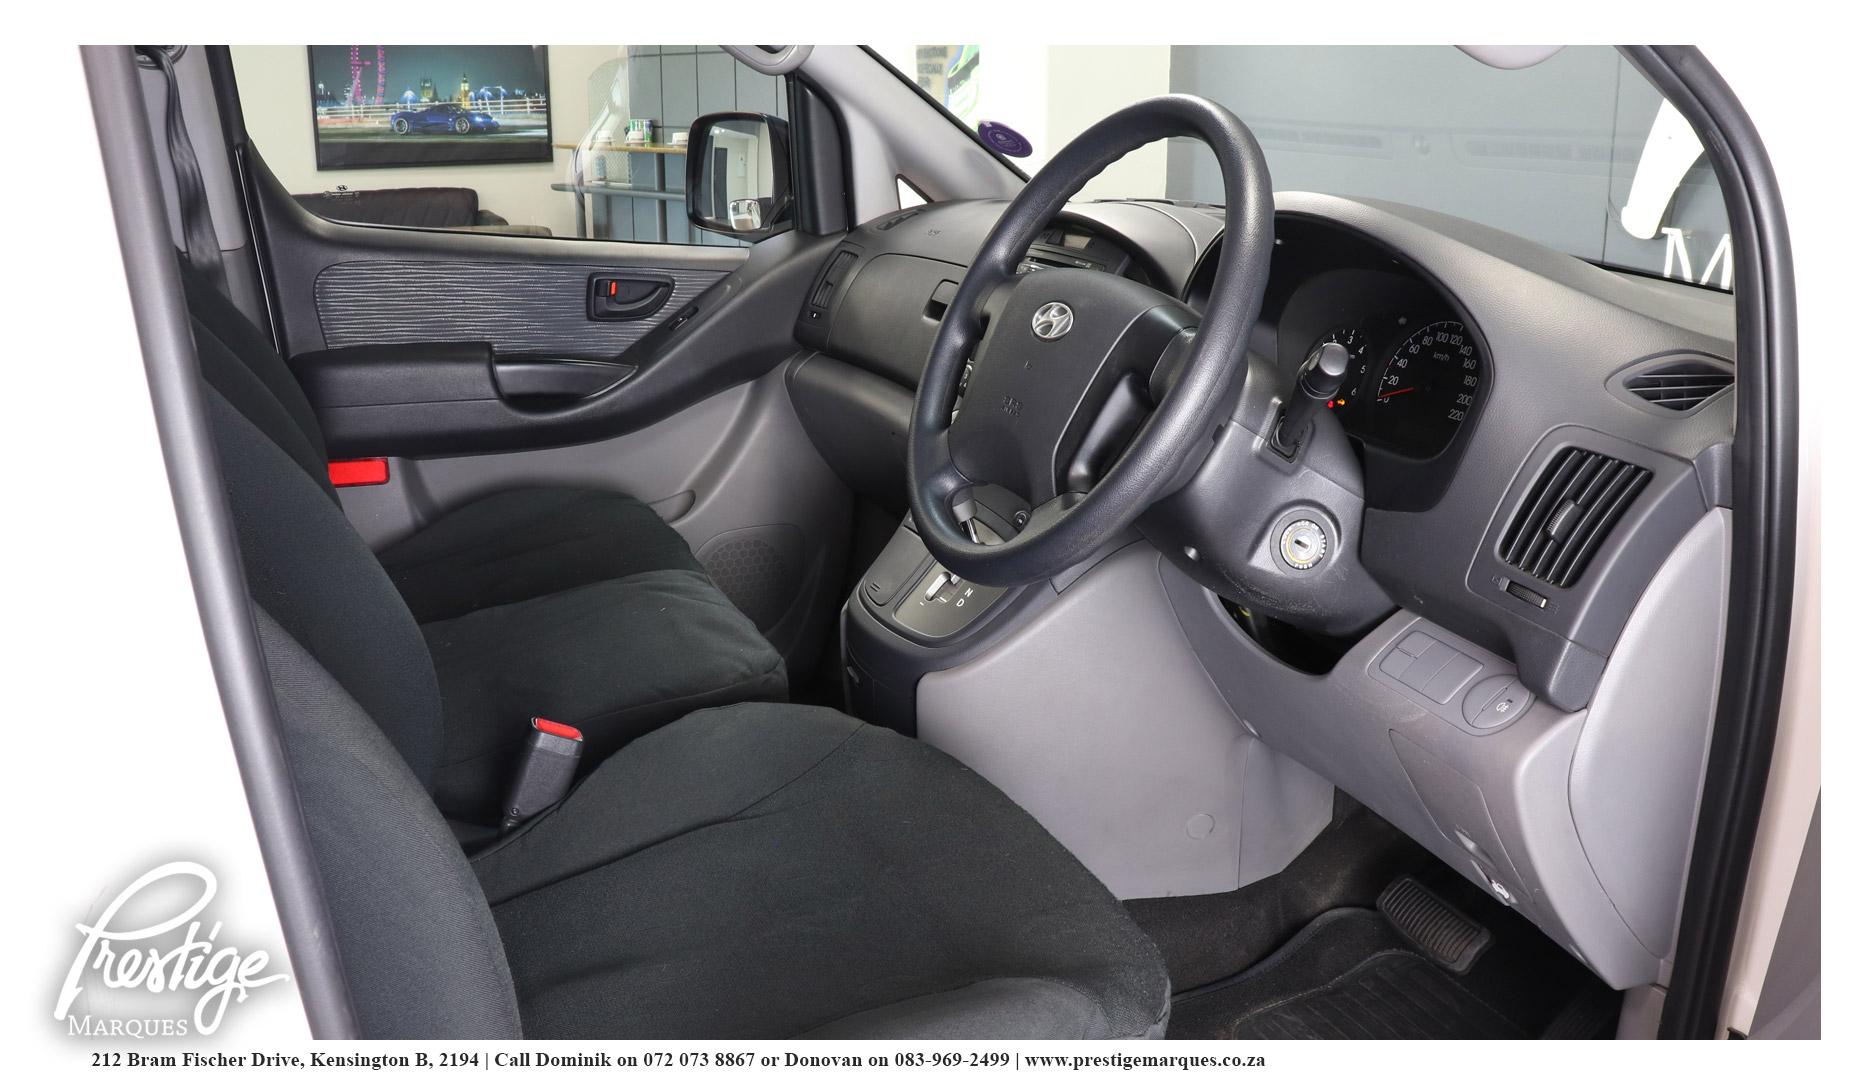 2016-Hyundai-H1-Panelvan-2.5-CRDI-Auto-11